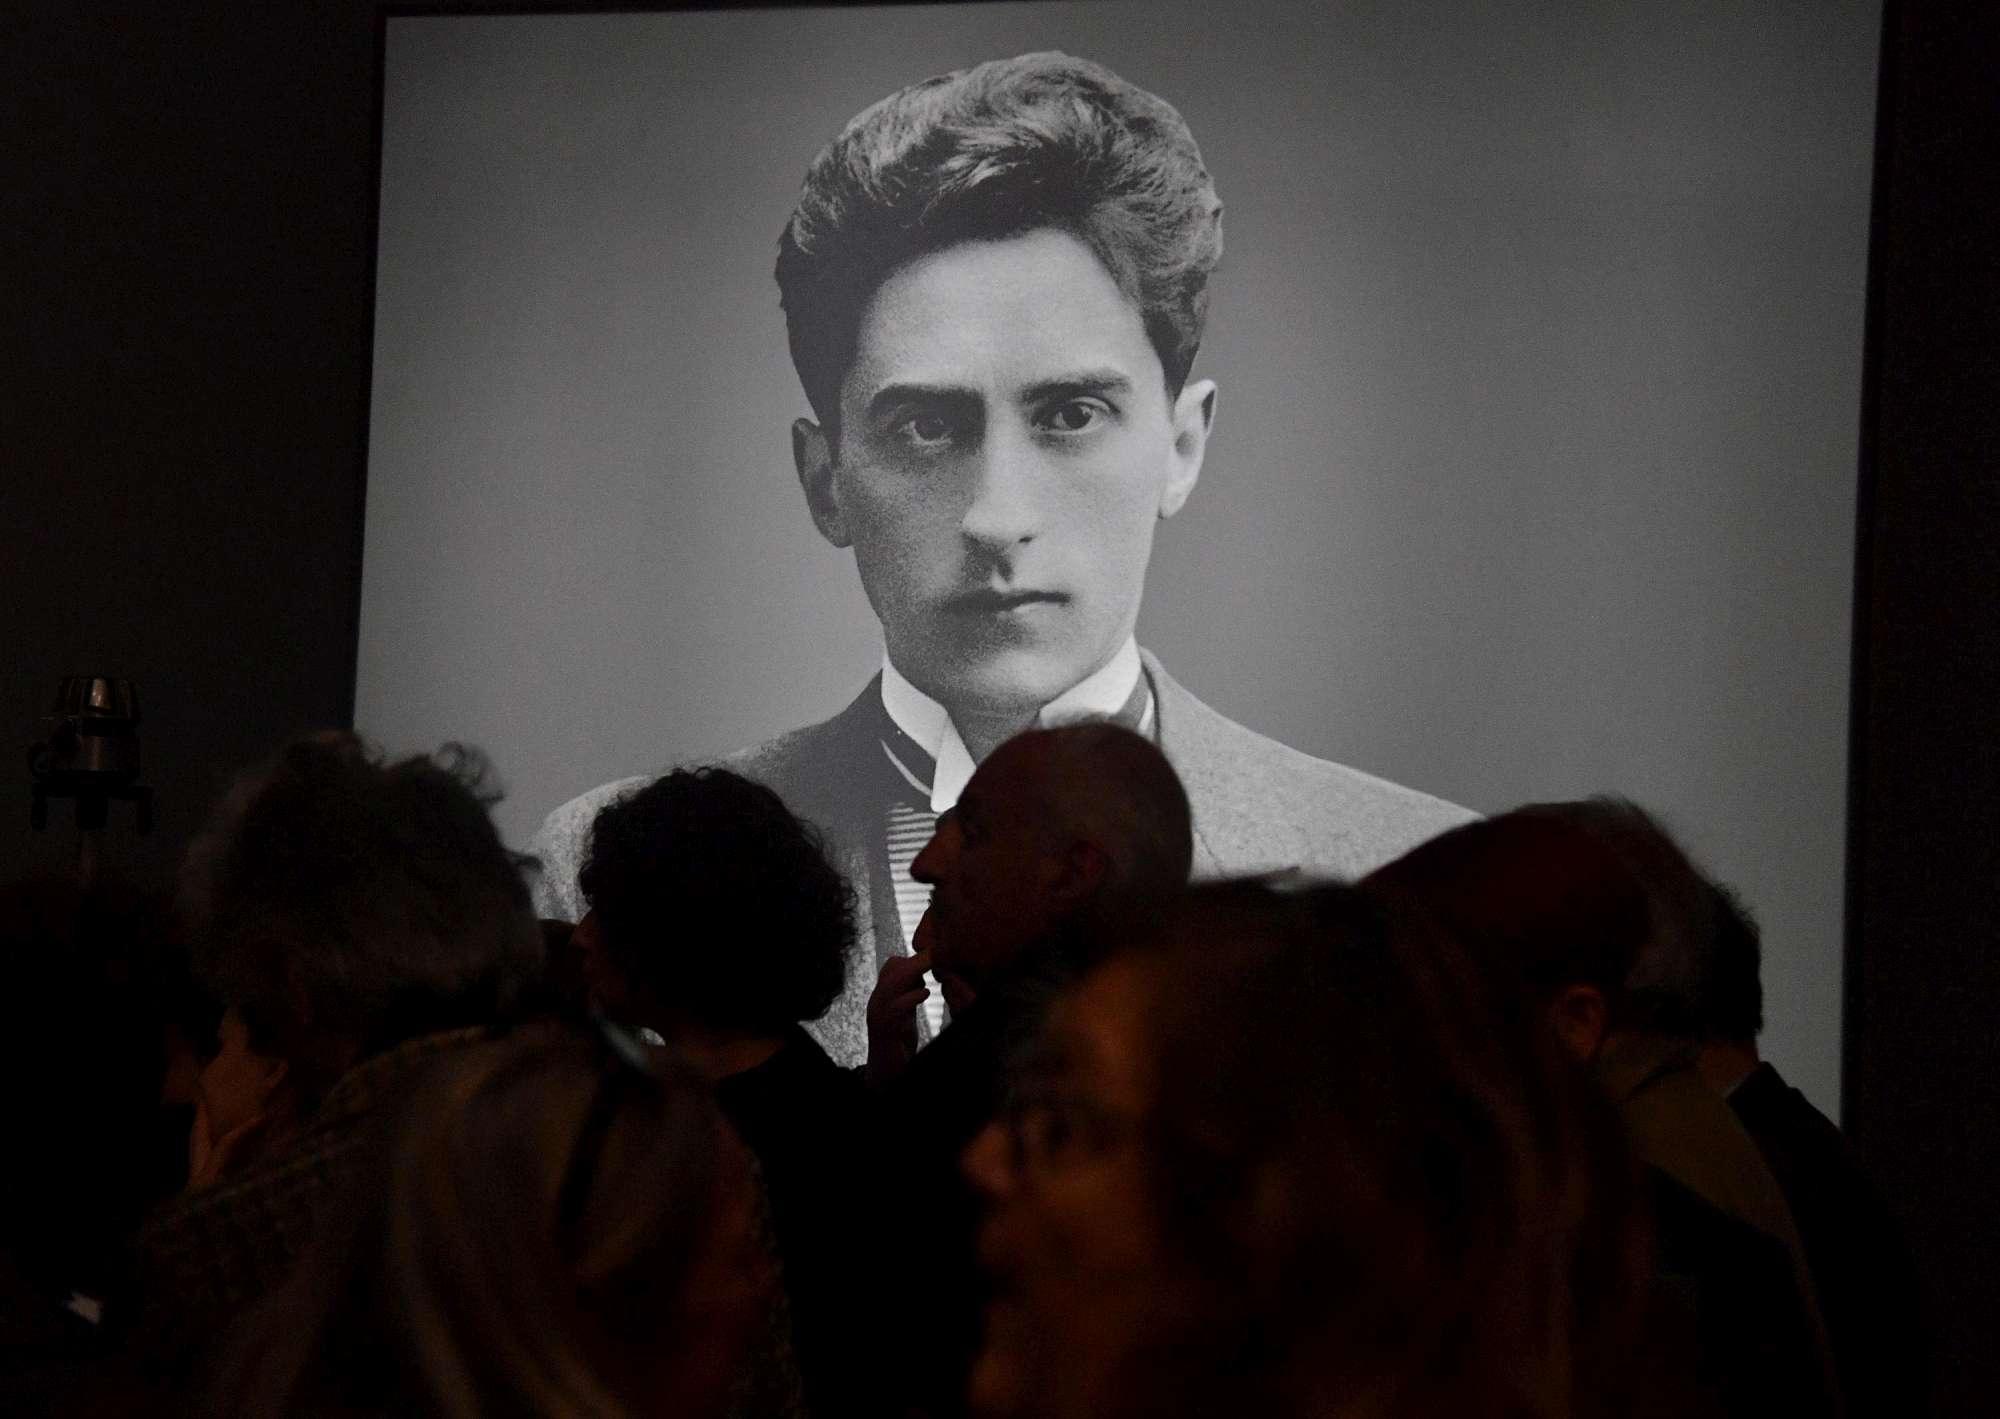 Genova, 3 indagati e 21 opere di Modigliani sequestrate a palazzo Ducale